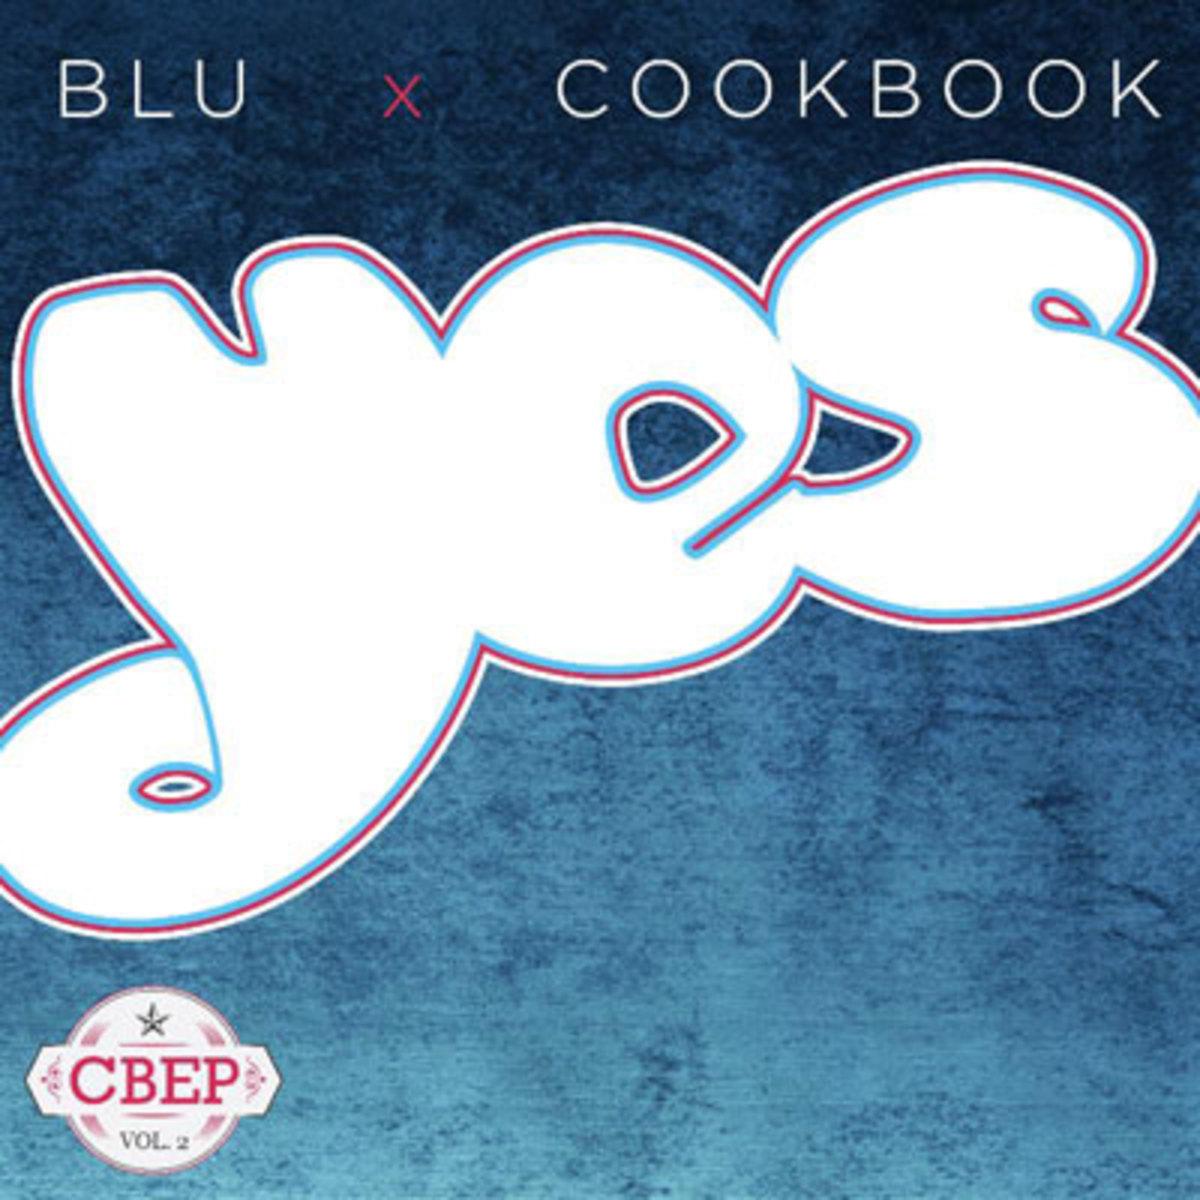 cookbook-yes.jpg